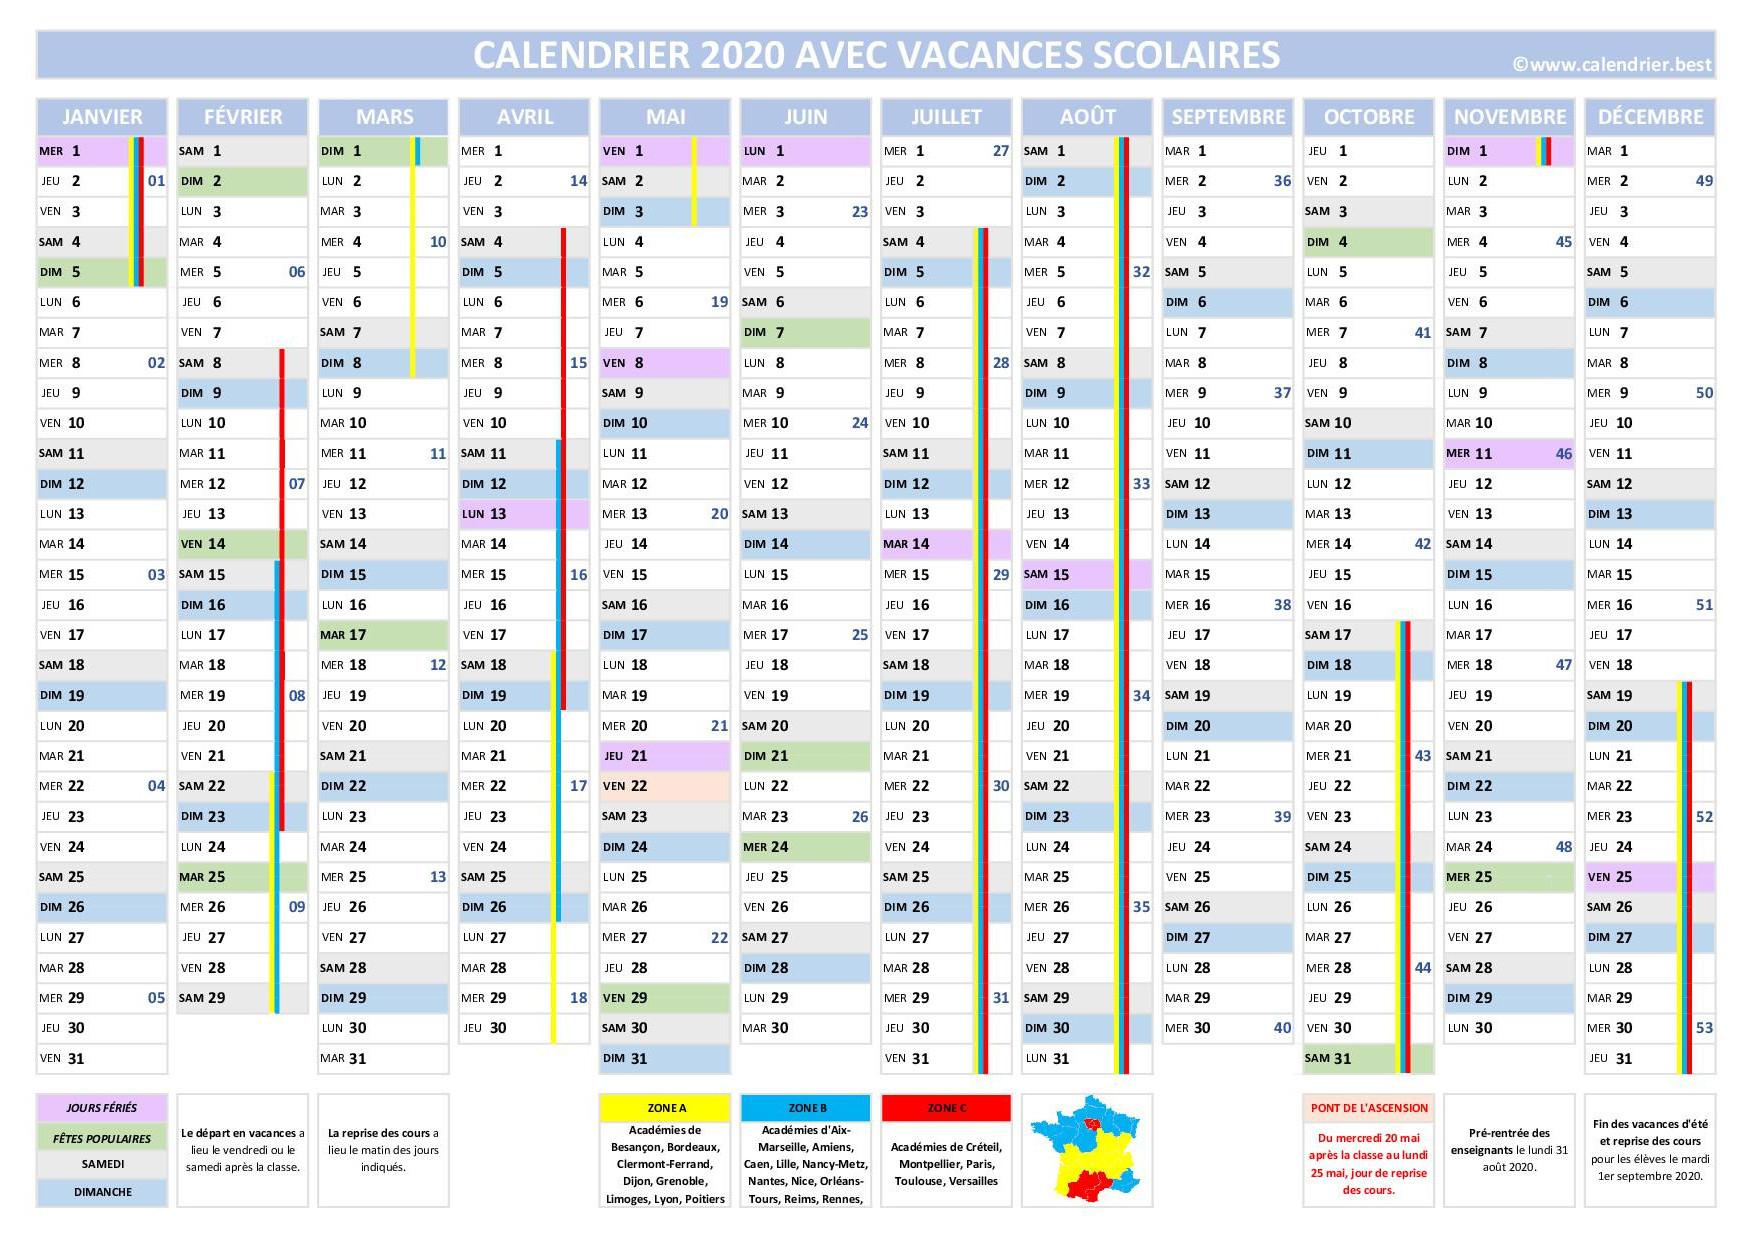 Calendrier.best : Calendriers 2020 À Imprimer Gratuitement tout Calendrier 2019 Avec Jours Fériés Vacances Scolaires À Imprimer